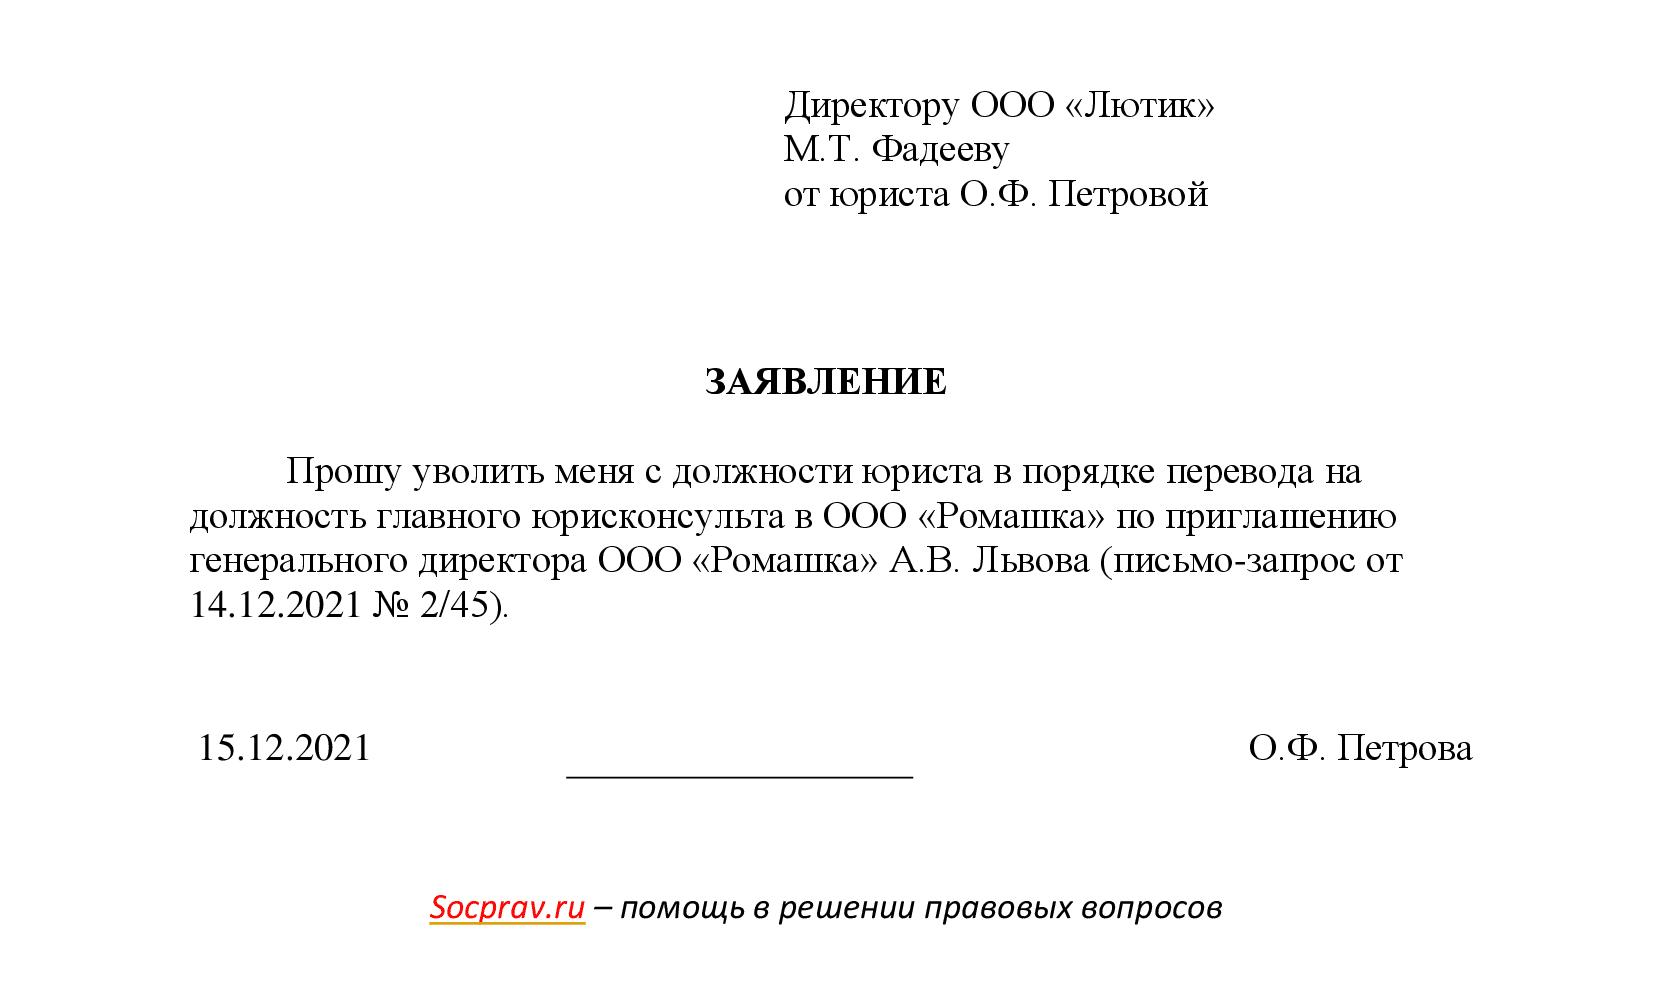 Заявление об увольнении в порядке перевода